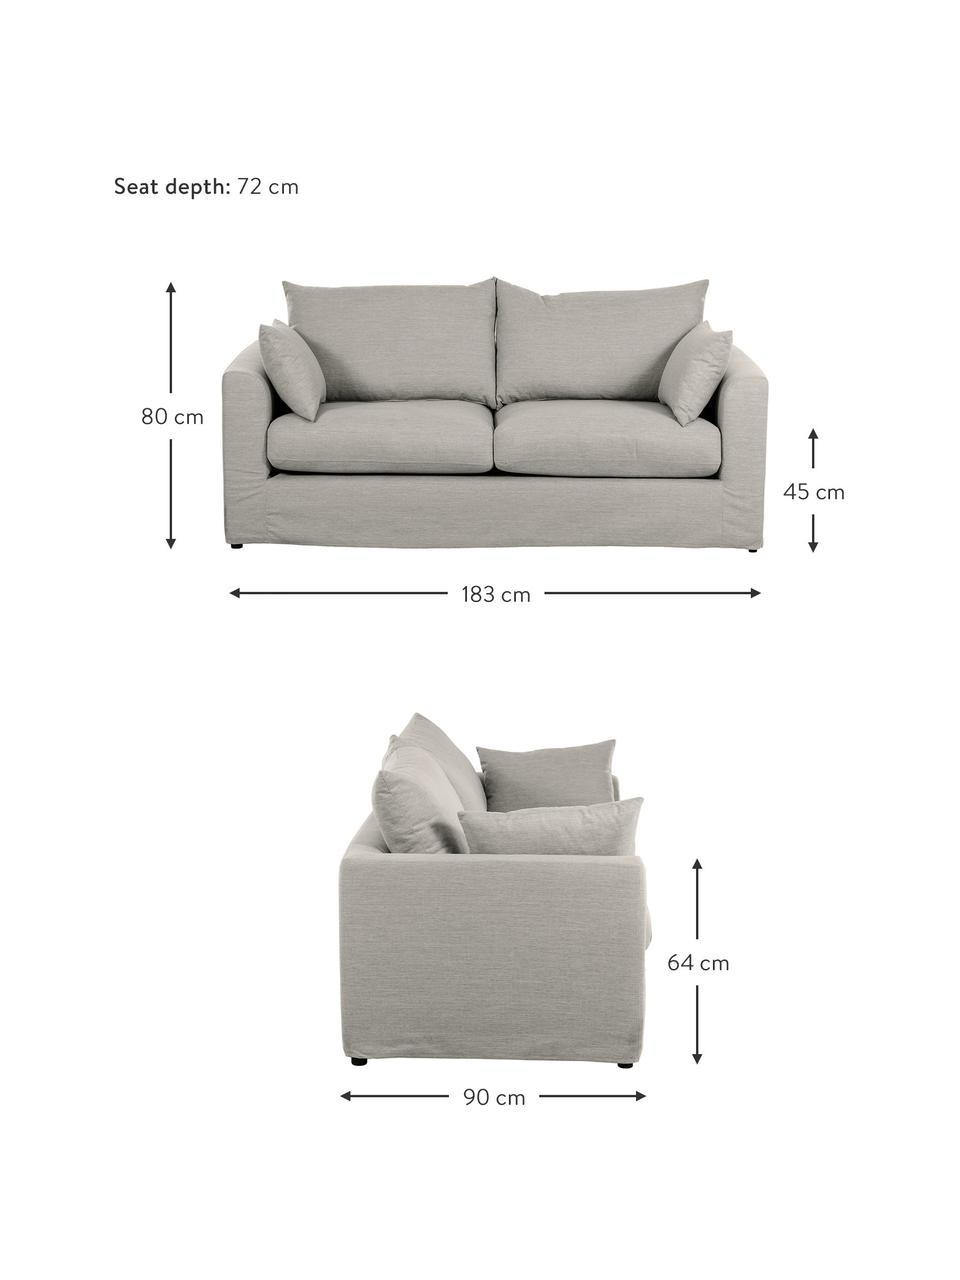 Sofa Zach (2-Sitzer) in Taupe, Bezug: Polypropylen Der hochwert, Füße: Kunststoff, Webstoff Taupe, B 183 x T 90 cm